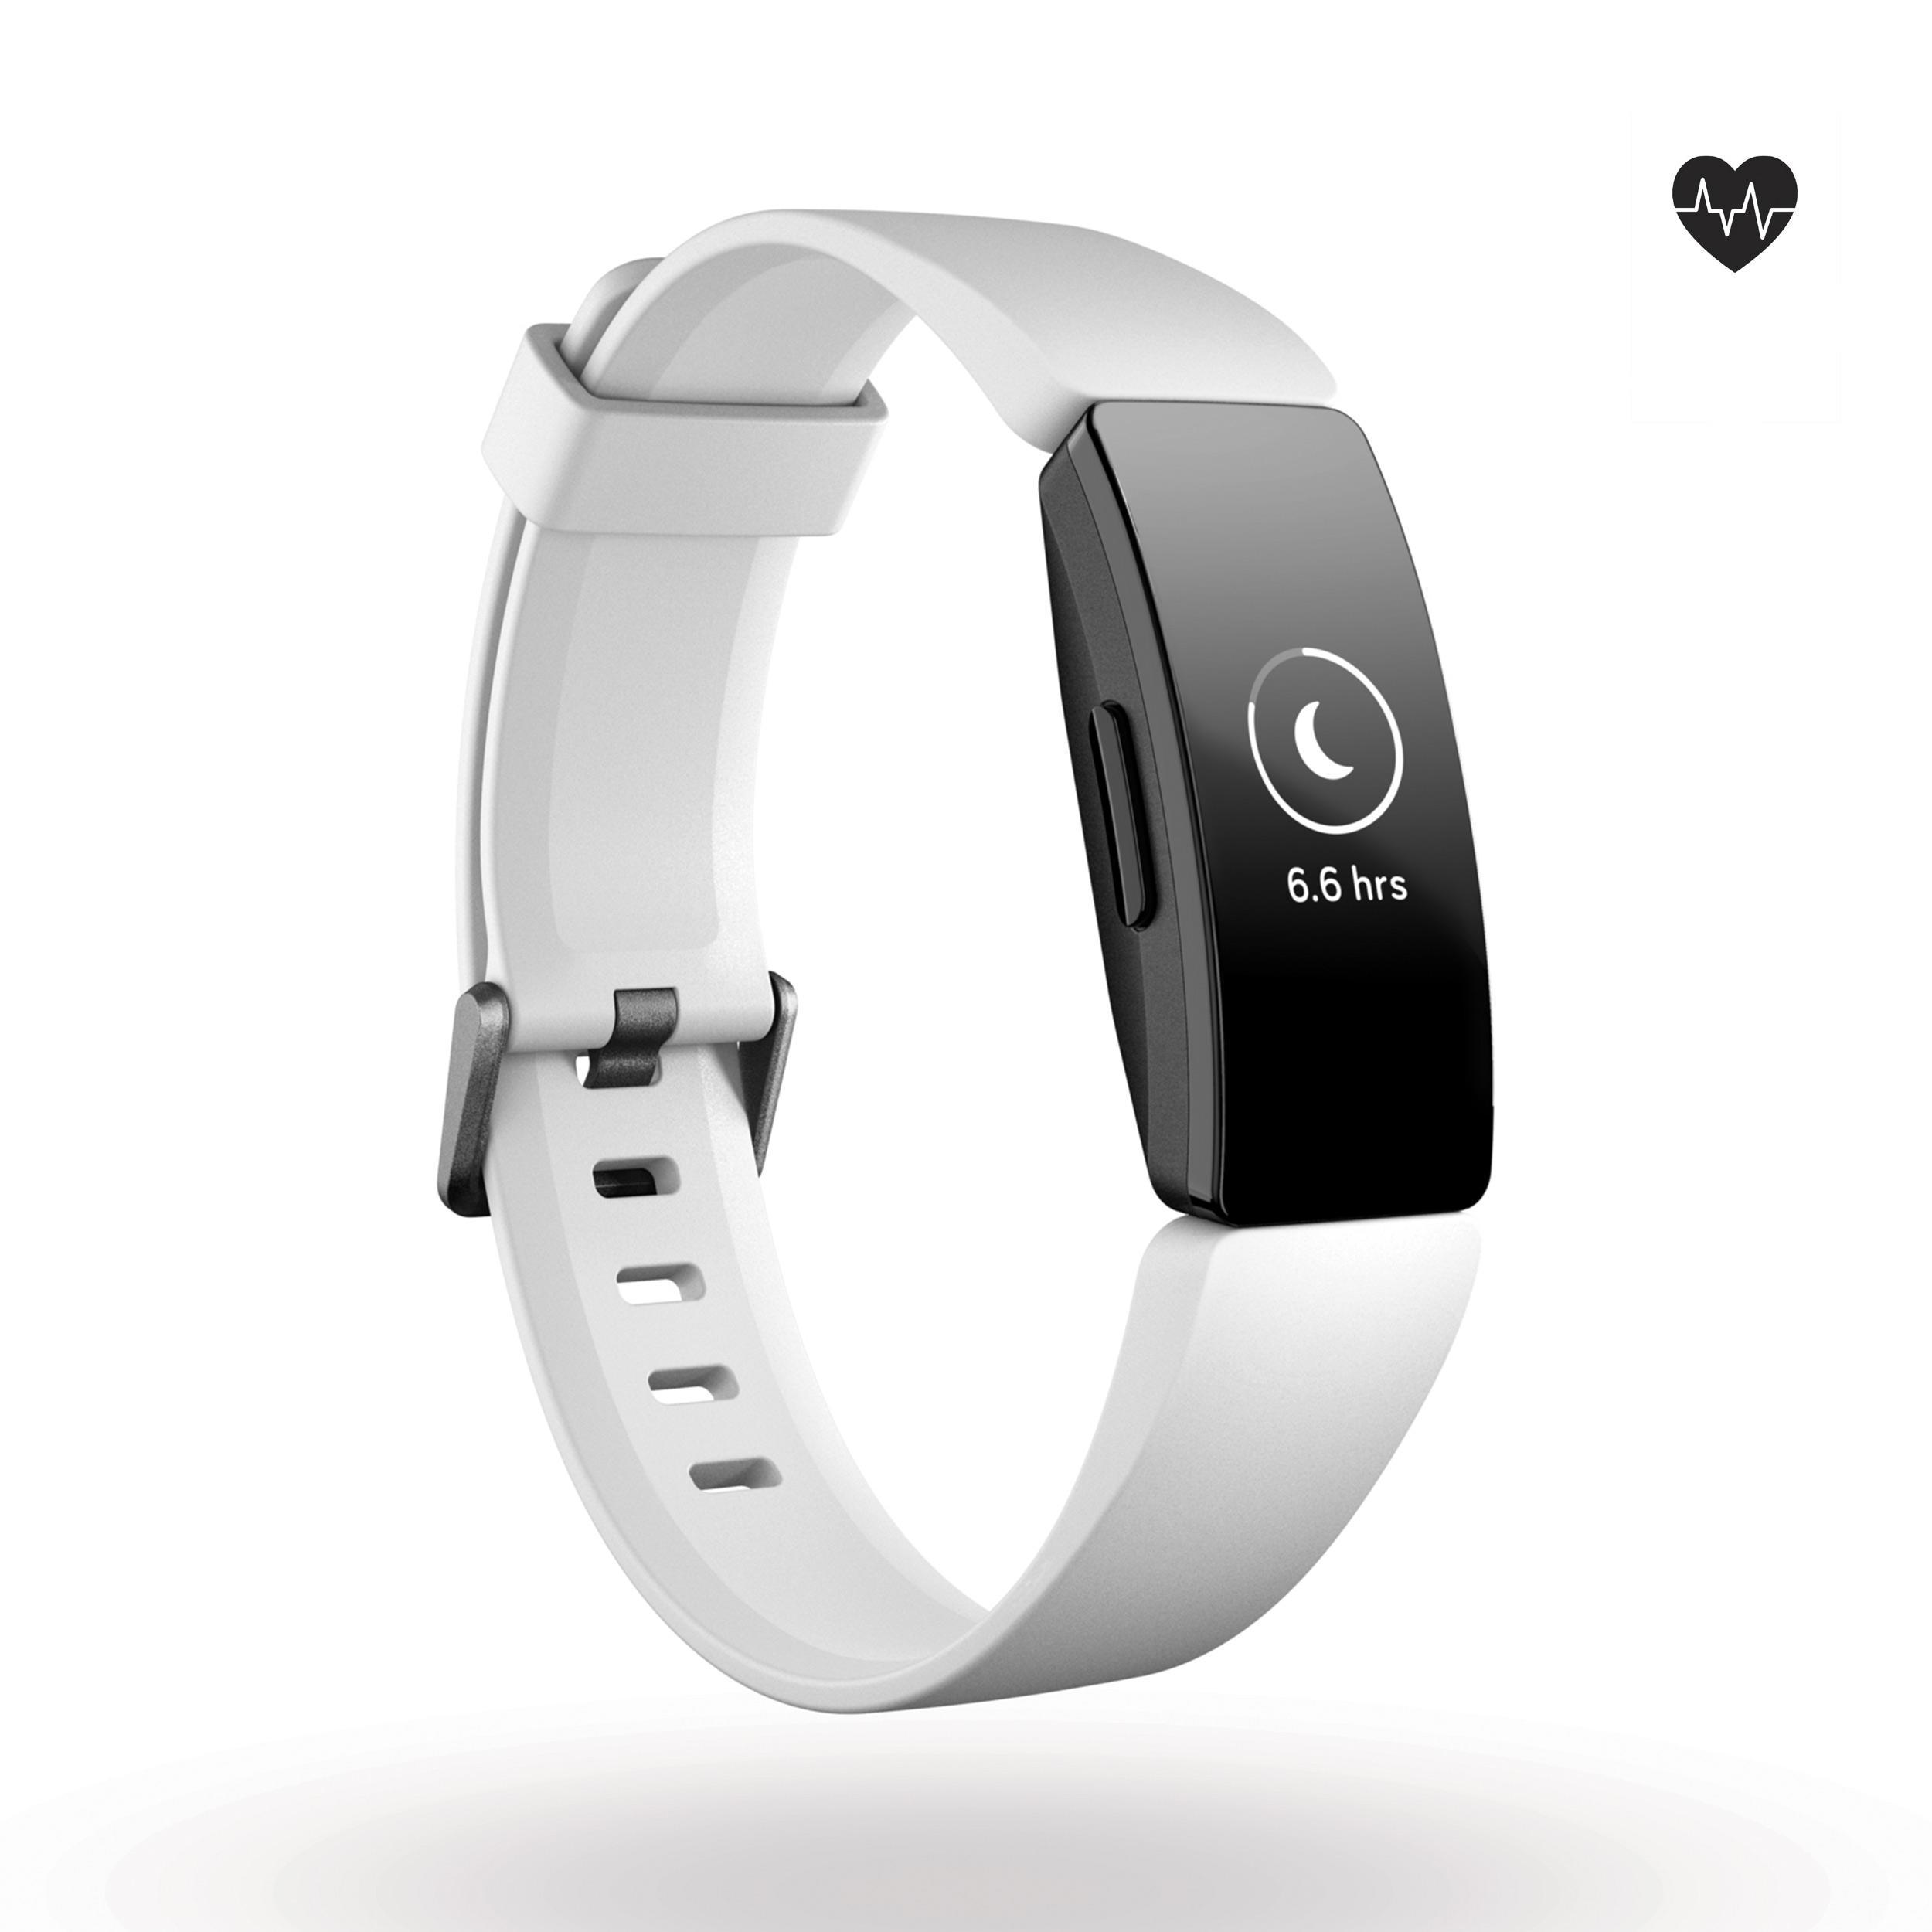 Fitnessarmband Inspire HR mit Herzfrequenzmessung am Handgelenk weiß | Schmuck > Armbänder > Fitness-Armbänder | Weiß | Hr - Wo | Fitbit